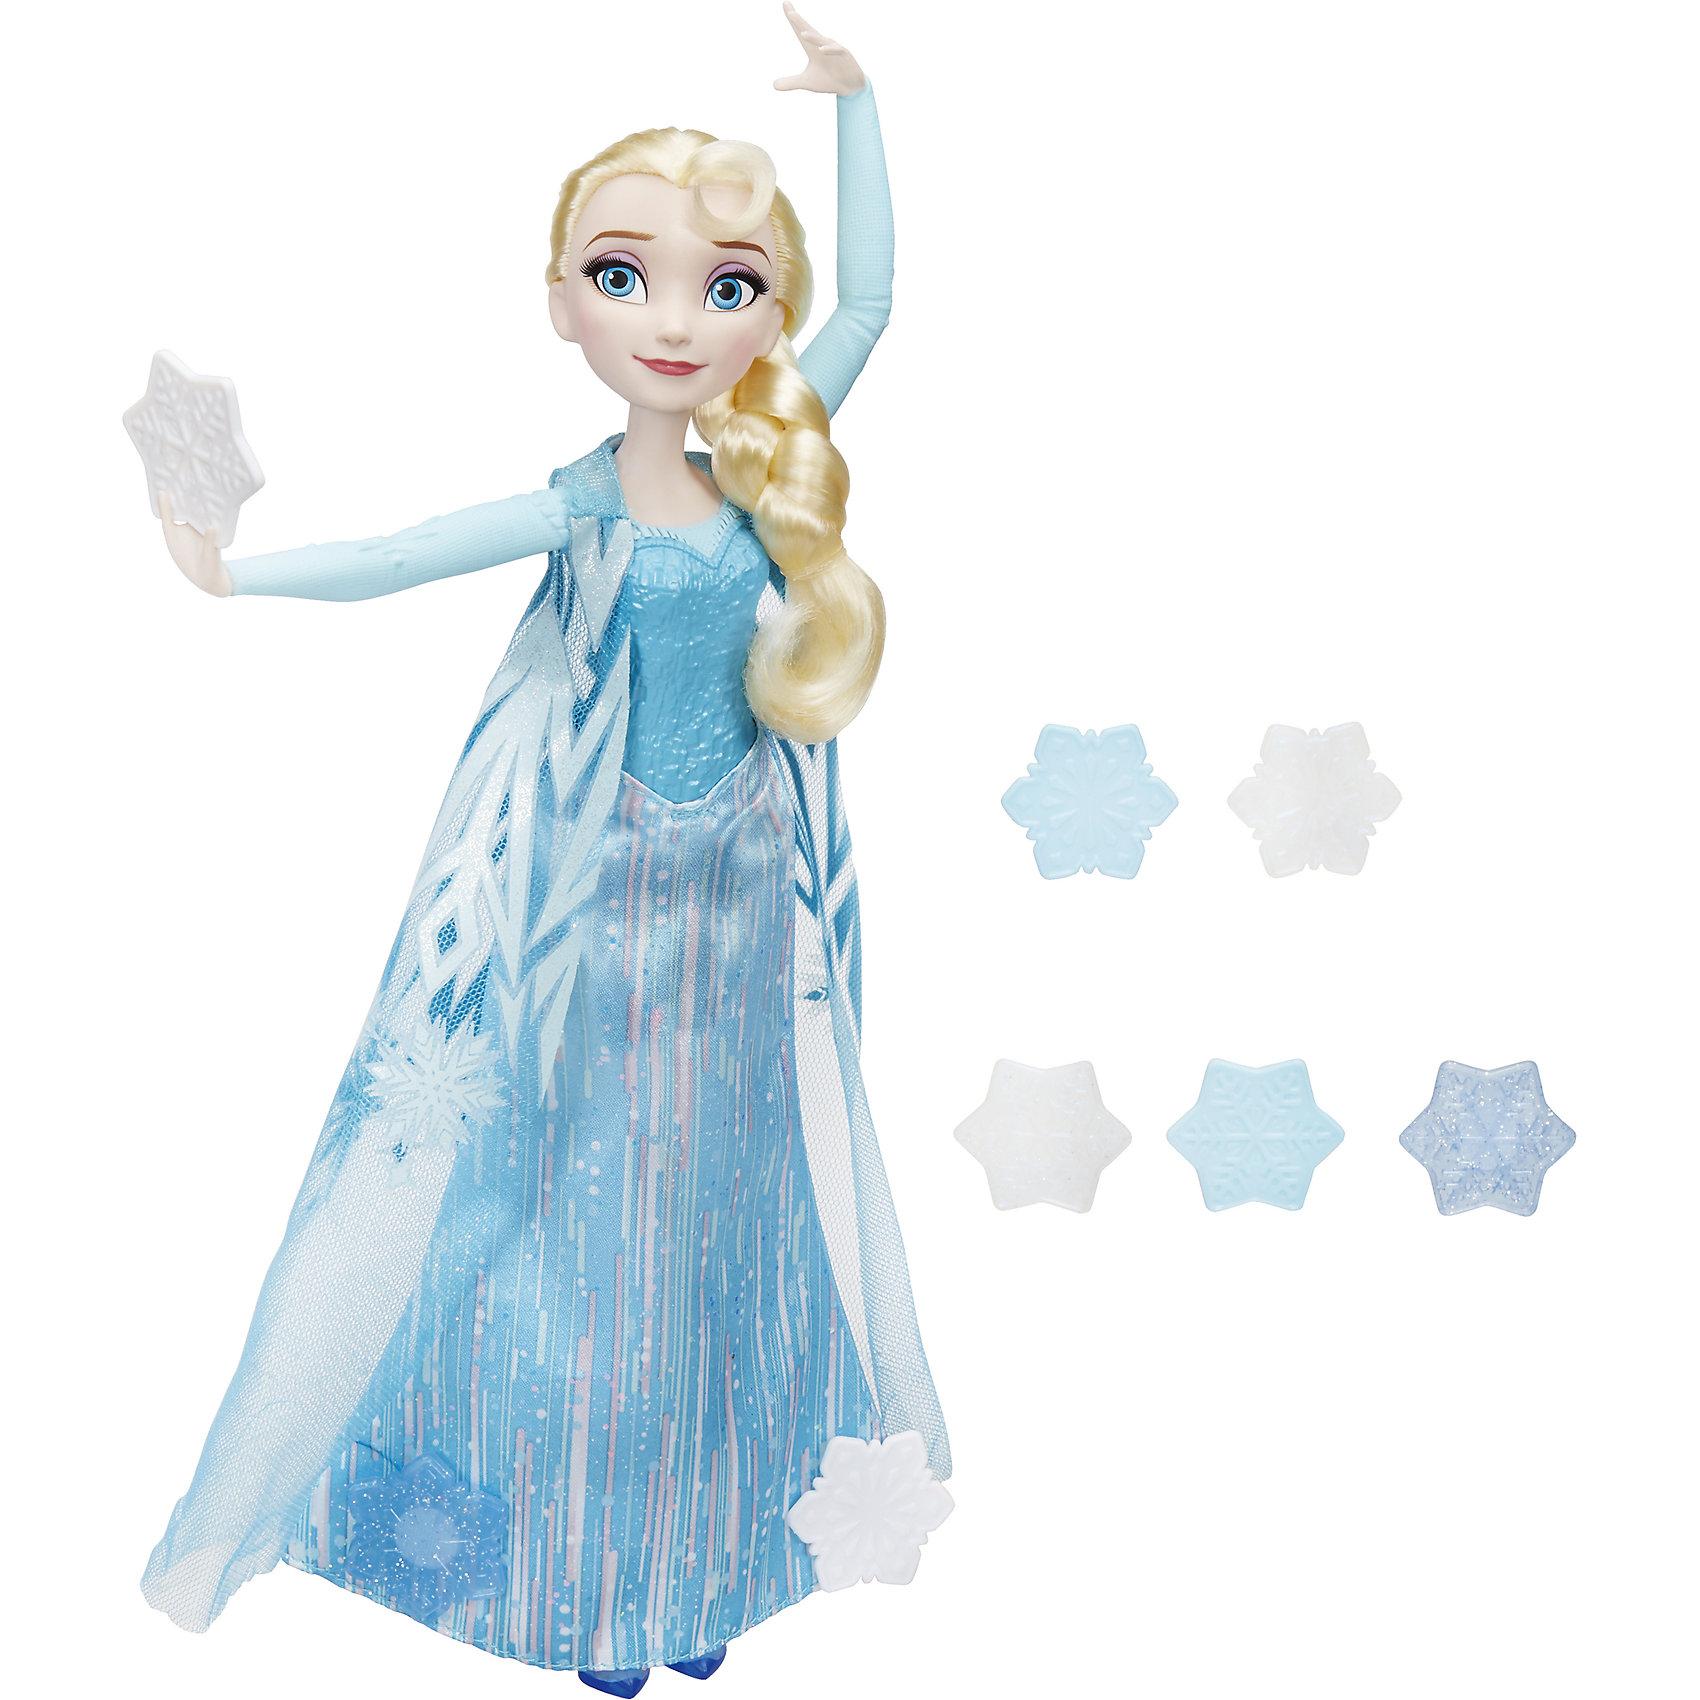 Эльза, запускающая снежинки рукой, Холодное СердцеХолодное Сердце Игрушки и пазлы<br>Эльза, запускающая снежинки рукой, Холодное Сердце (Frozen).<br><br>Характеристика: <br><br>• Материал: пластик. <br>• Размер куклы: 29 см. <br>• В комплекте кукла в одежде, обувь, 8 снежинок. <br>• Отличная детализация. <br>• Голова, руки, ноги подвижные.<br>• Плащ снимается. <br>• Снежинка крепится к руке Эльзы.<br>• Можно украшать наряд Эльзы снежинками.<br><br>Очаровательная Эльза в невероятно красивом и оригинальном наряде обязательно понравится девочкам. Вложи в руку куклы снежинку и запустив воздух или укрась снежинками полупрозрачный плащ Эльзы.<br><br>Эльзу, запускающую снежинки рукой, Холодное Сердце (Frozen), можно купить в нашем интернет-магазине.<br><br>Ширина мм: 324<br>Глубина мм: 235<br>Высота мм: 66<br>Вес г: 269<br>Возраст от месяцев: 36<br>Возраст до месяцев: 84<br>Пол: Женский<br>Возраст: Детский<br>SKU: 5225690